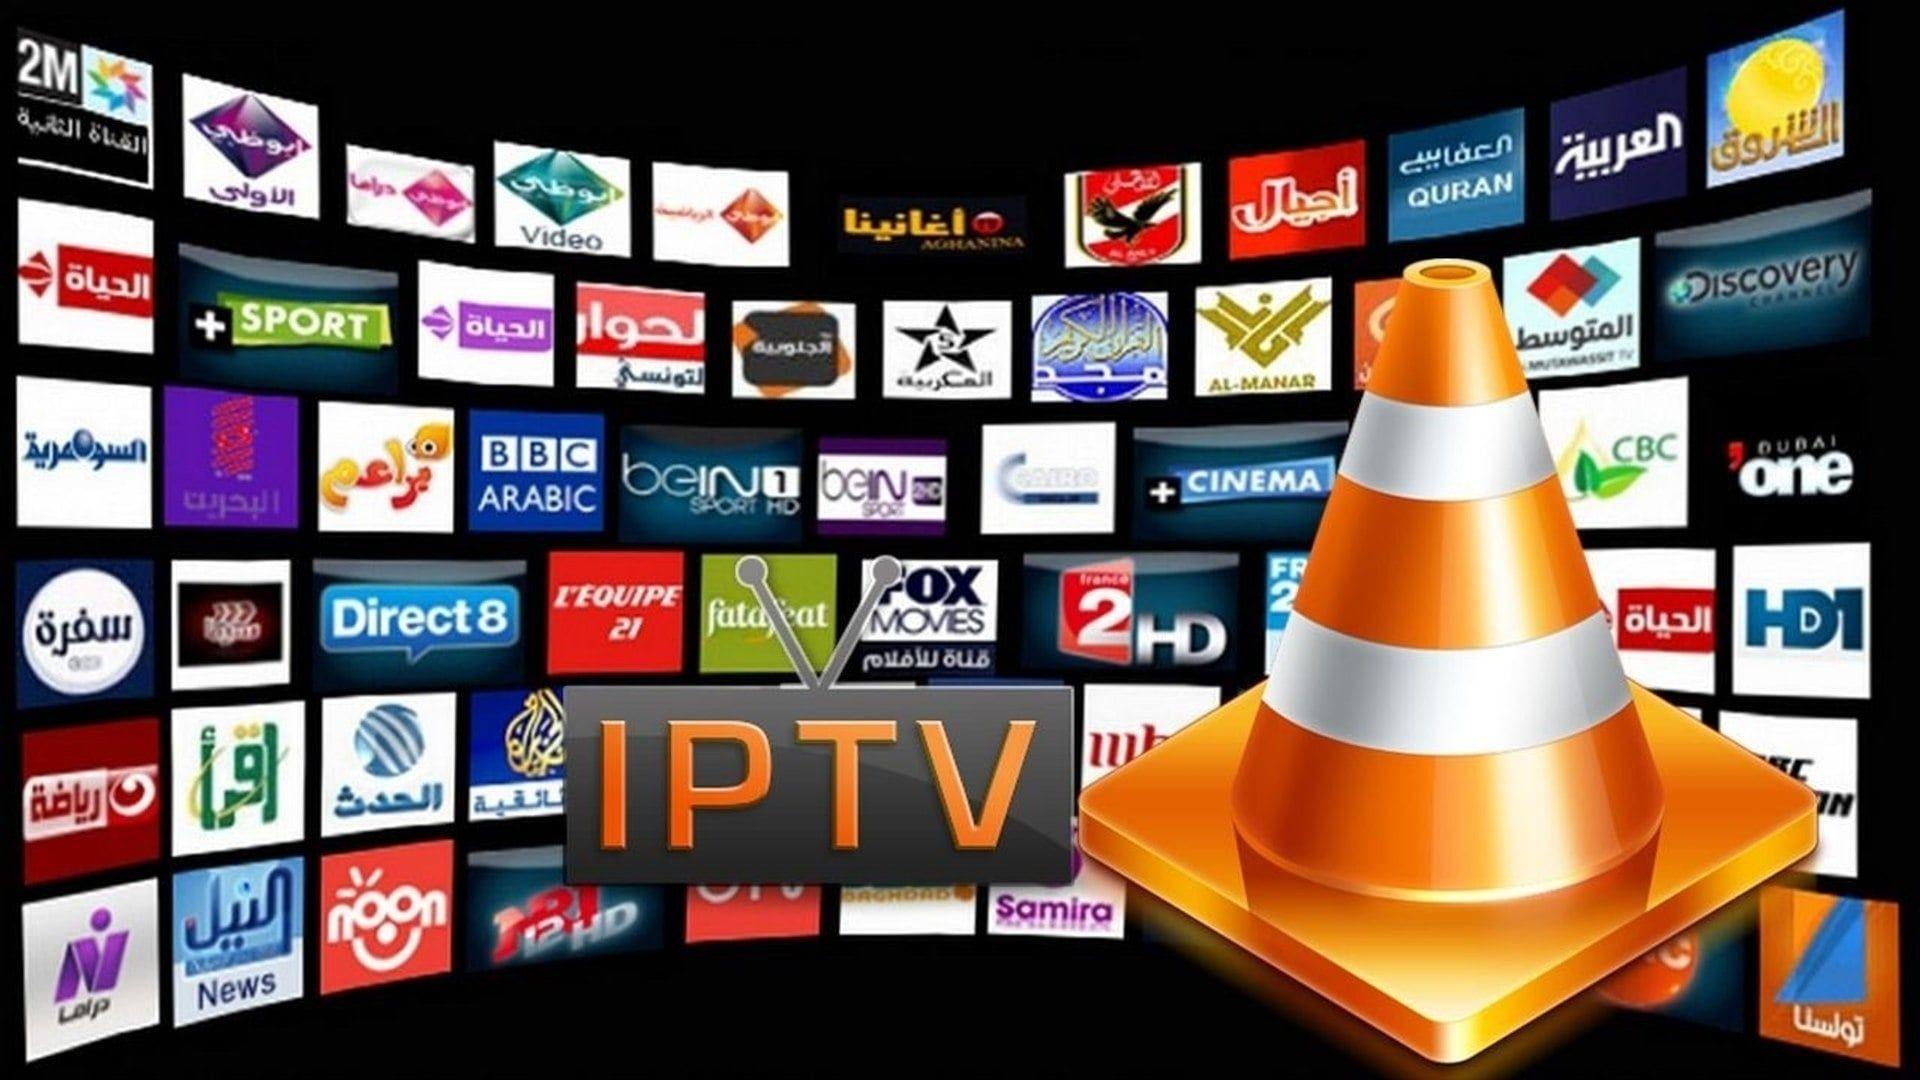 Confinement : l'offre pirate IPTV s'est renforcée